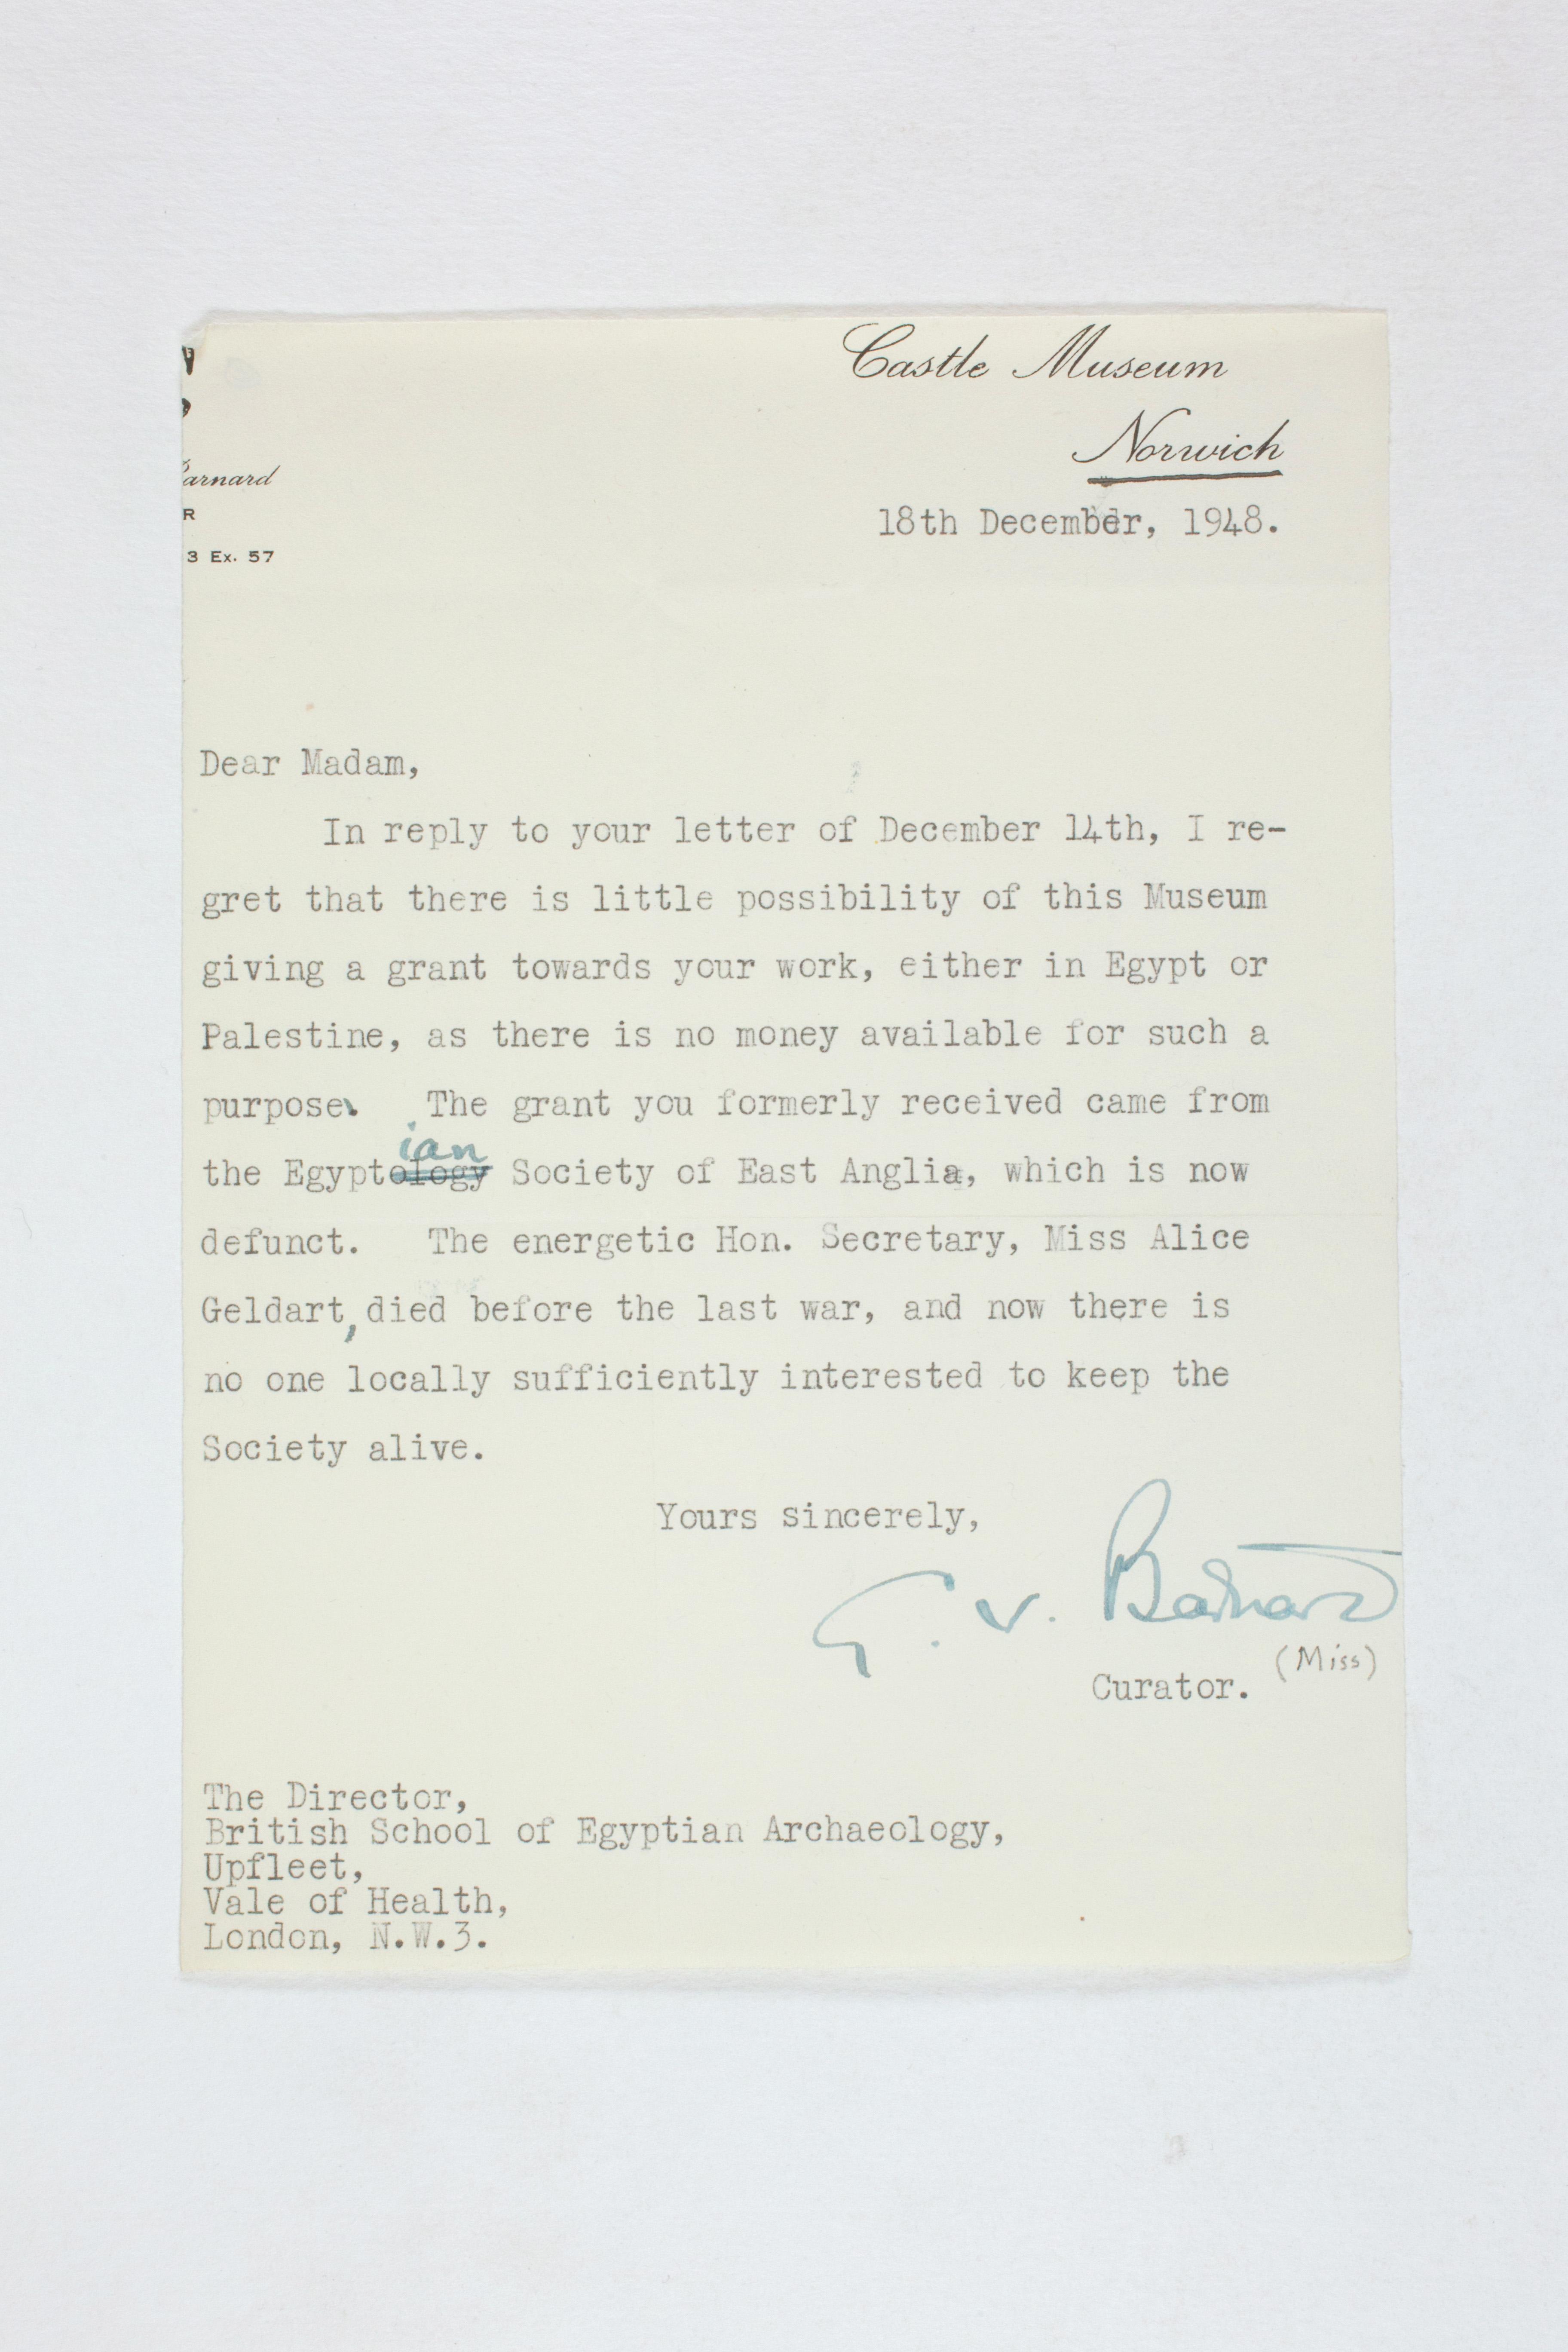 1931-50 Reserve correspondence Correspondence PMA/WFP1/D/32/6